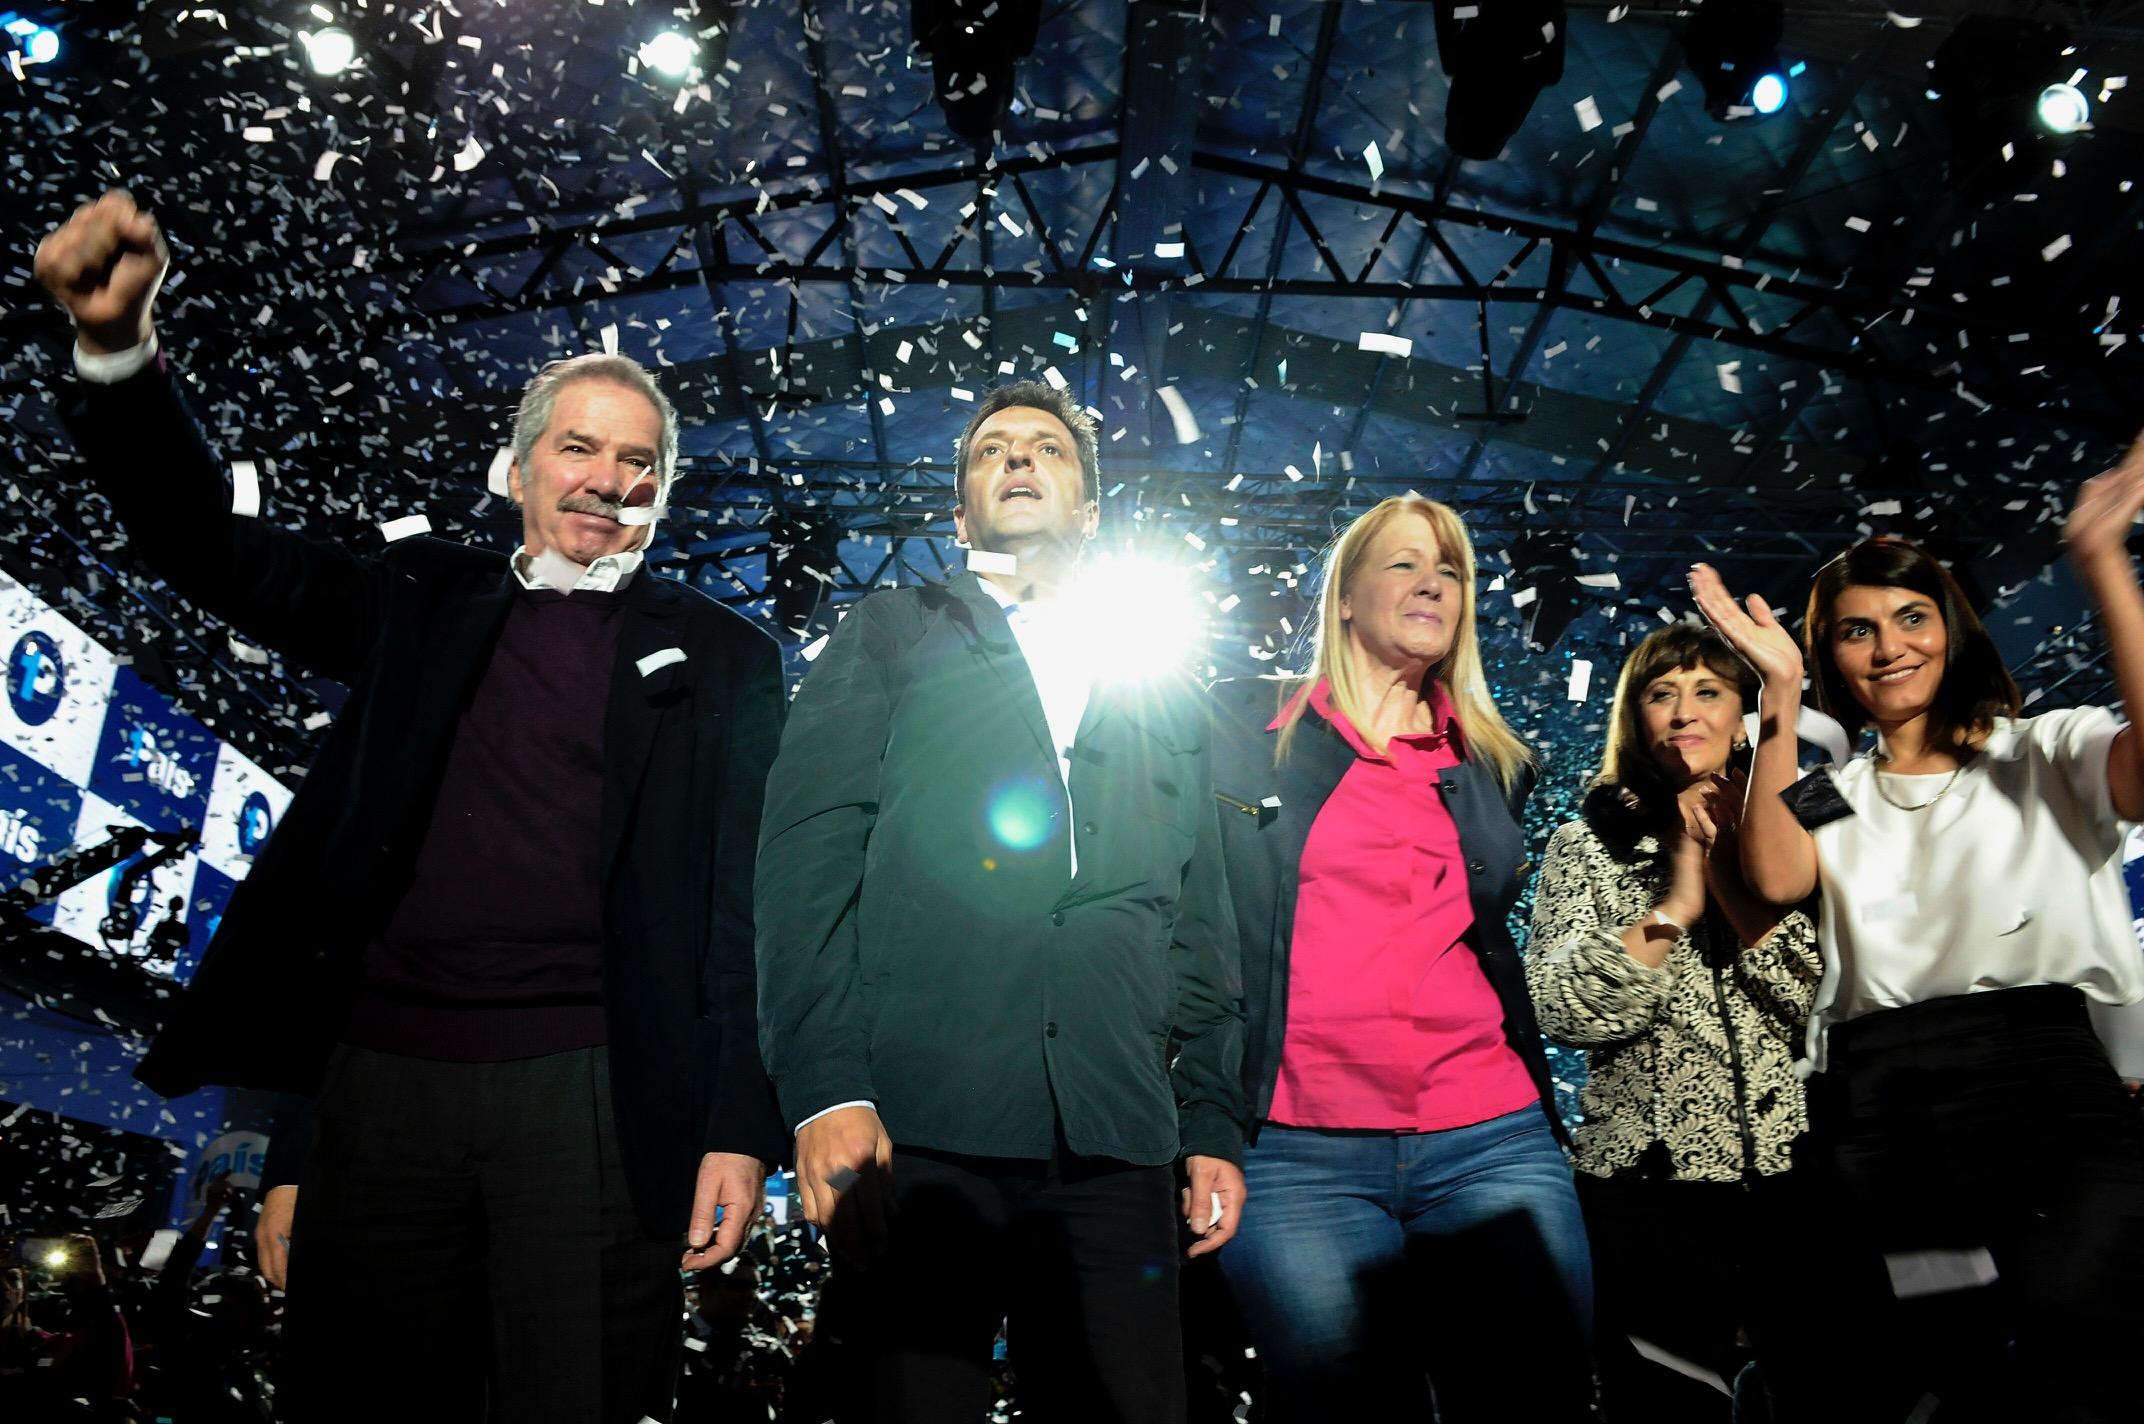 Los precandidatos del Frente 1Pais, Margarita Stolbizer y Sergio Massa durante el lanzamiento de campaña de cara a las próximas elecciones legislativas.